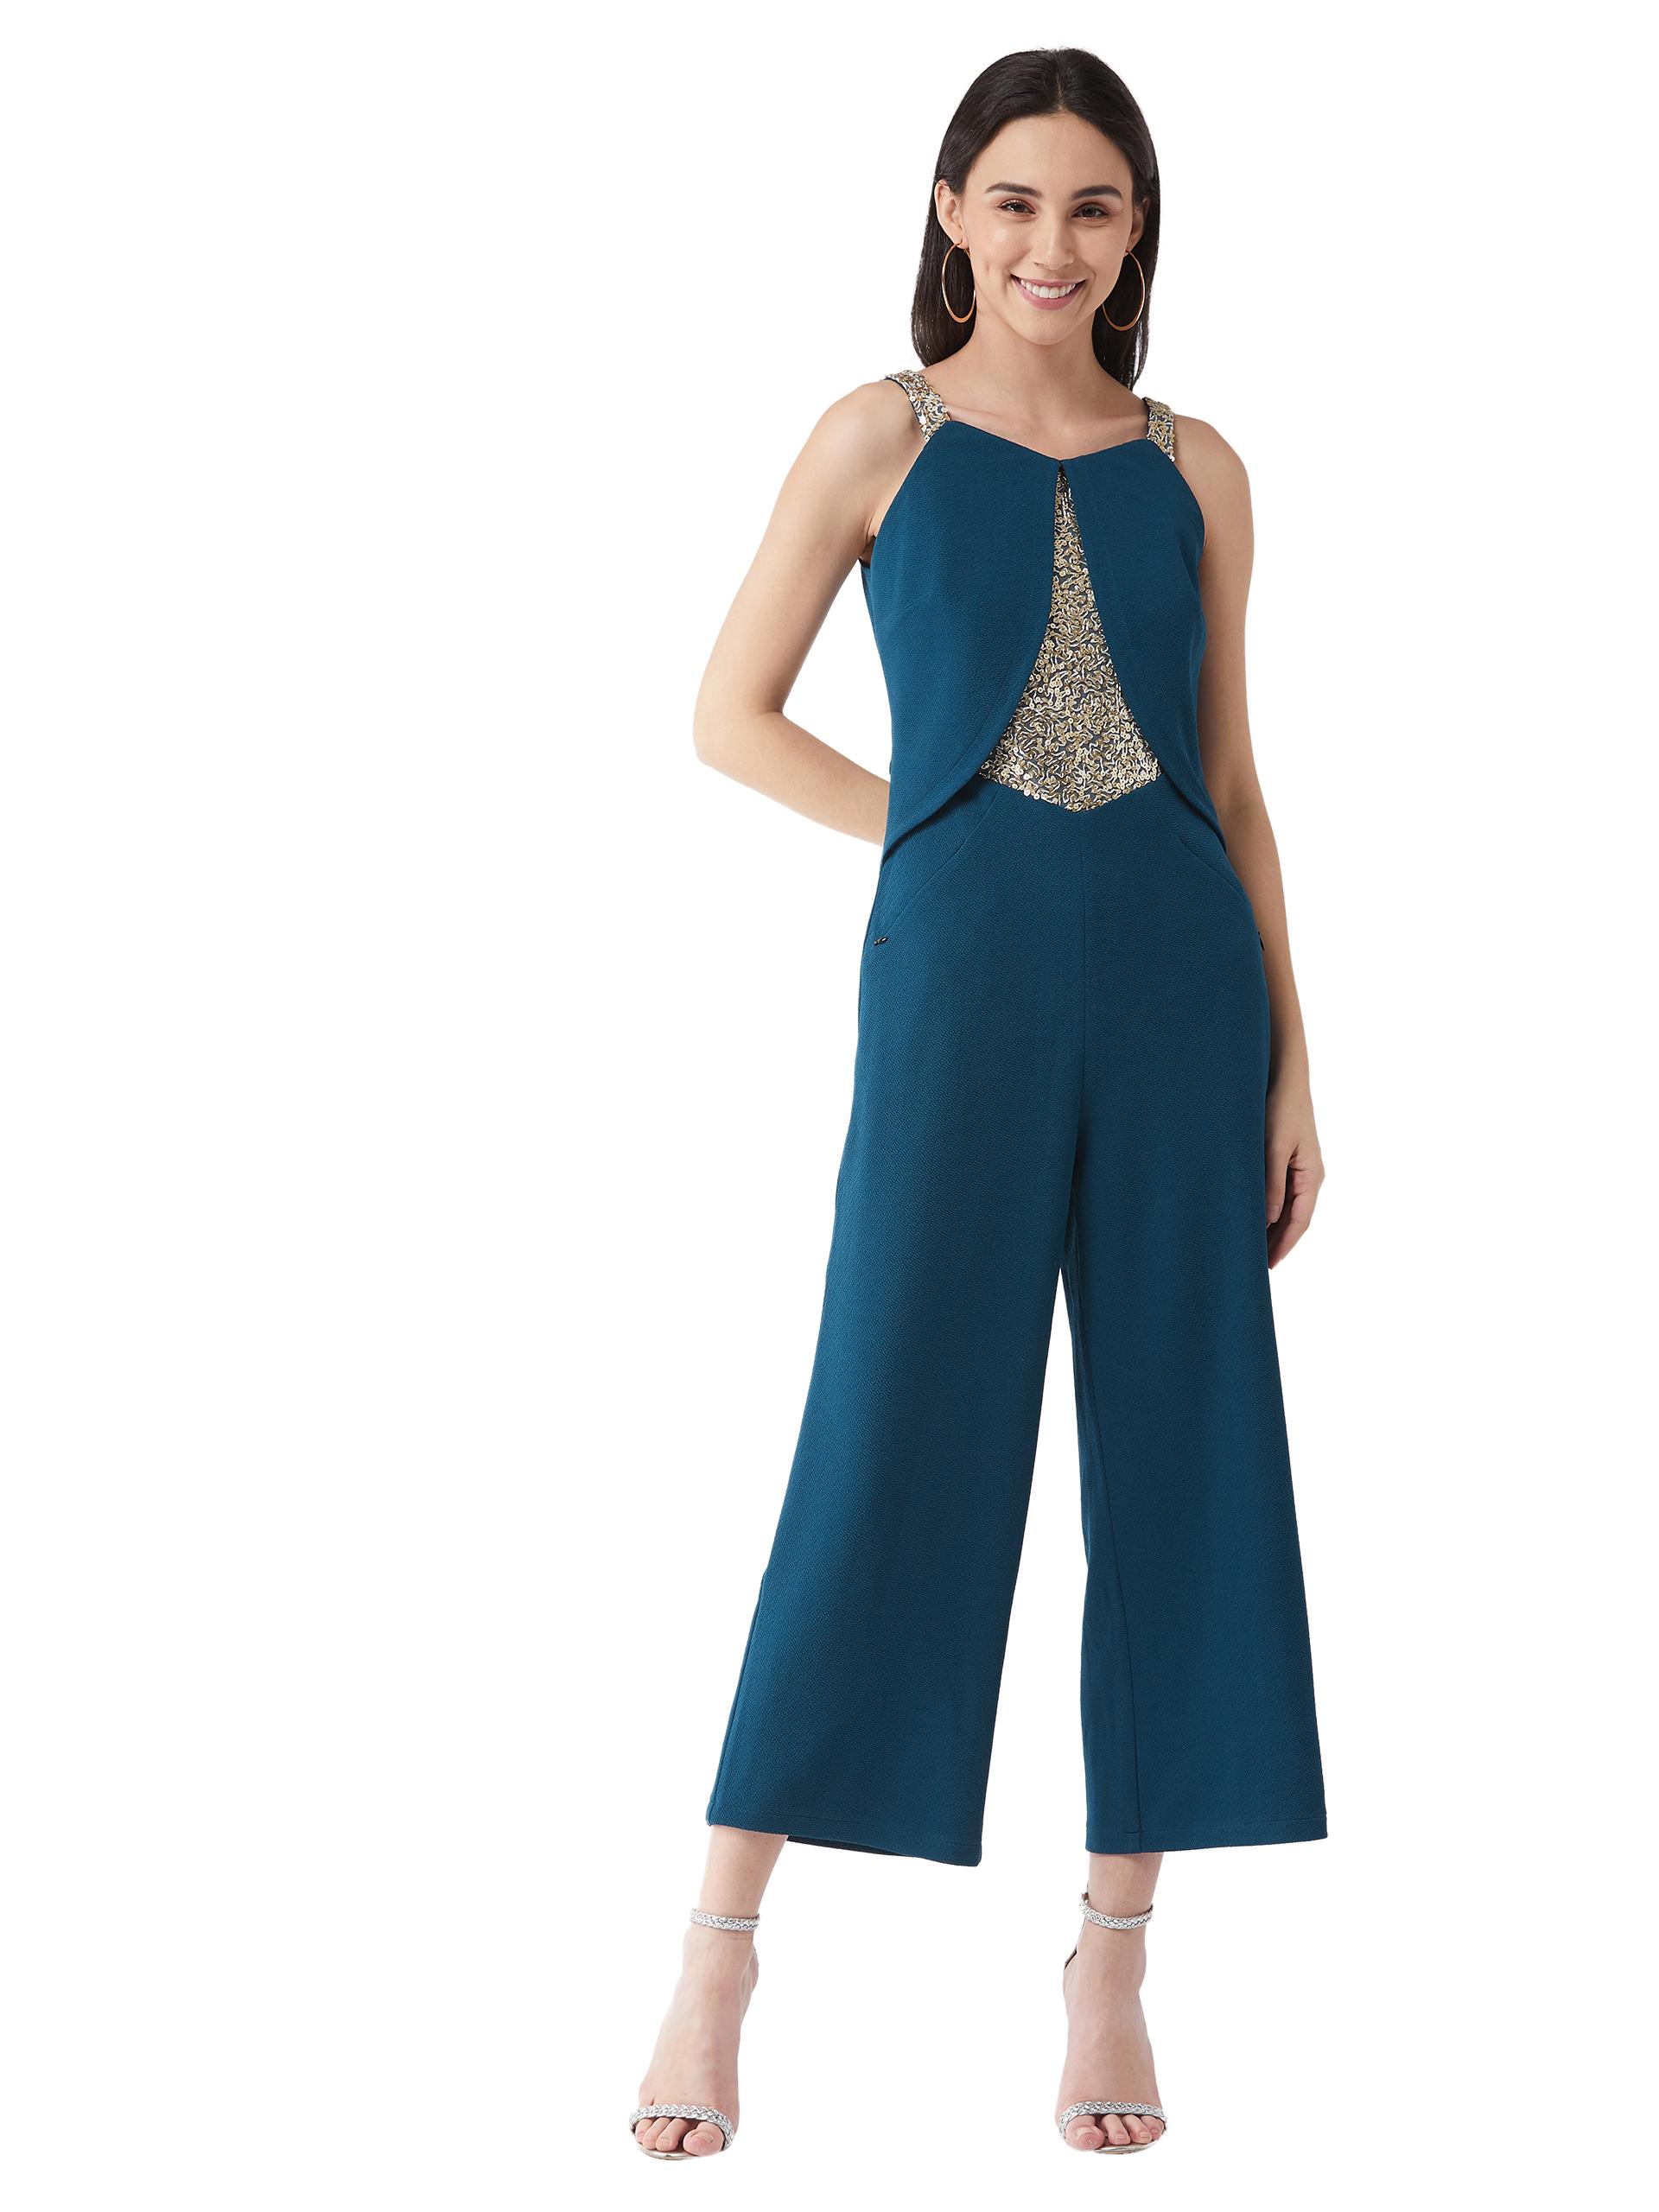 MISS CHASE    Teal V-Neck Sleeveless Solid Embellished Regular Jumpsuit